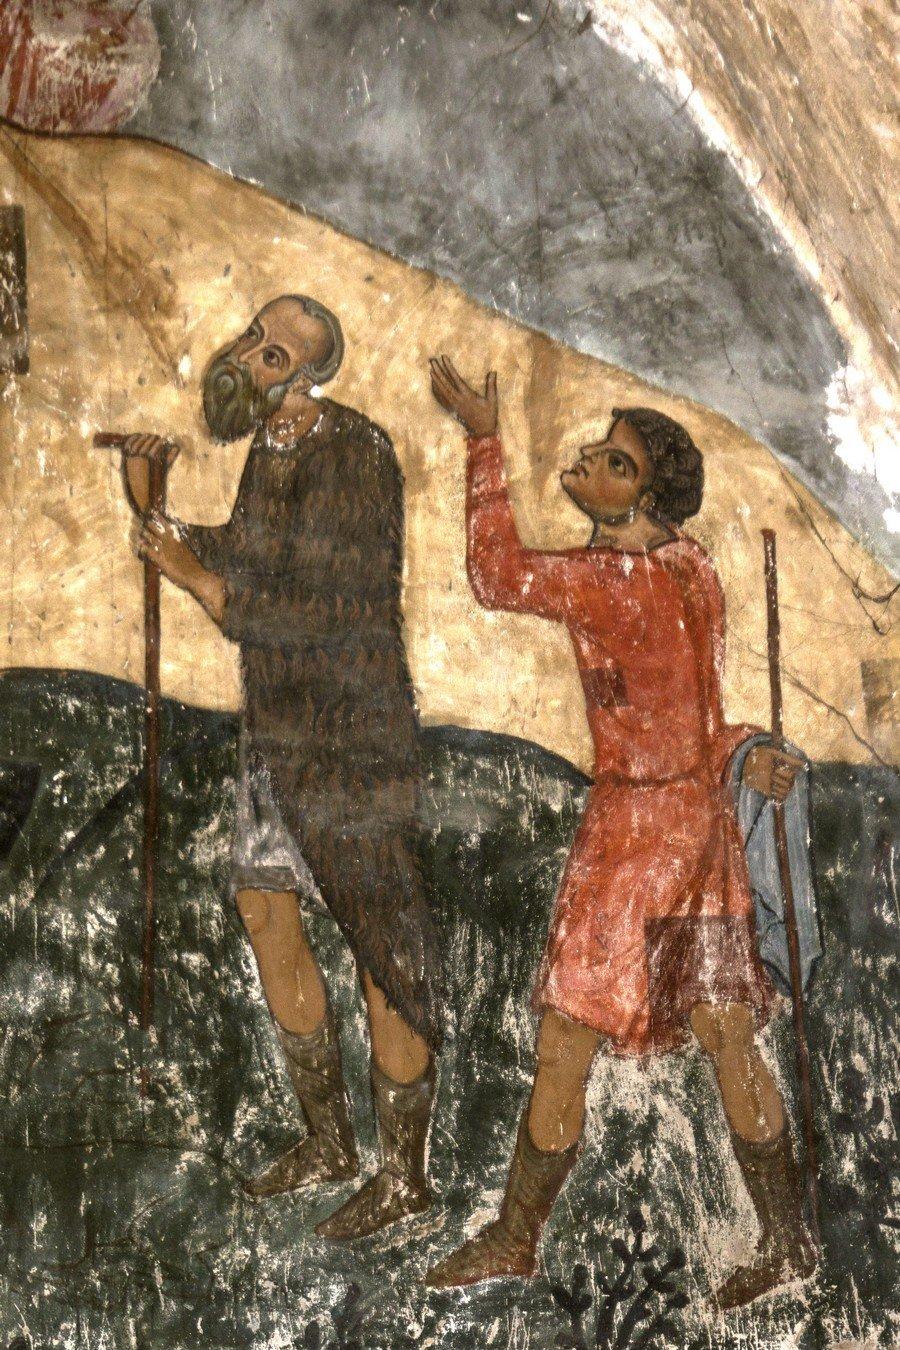 Рождество Христово. Фреска храма Святого Саввы в монастыре Сапара, Грузия. Начало XIV века. Фрагмент.